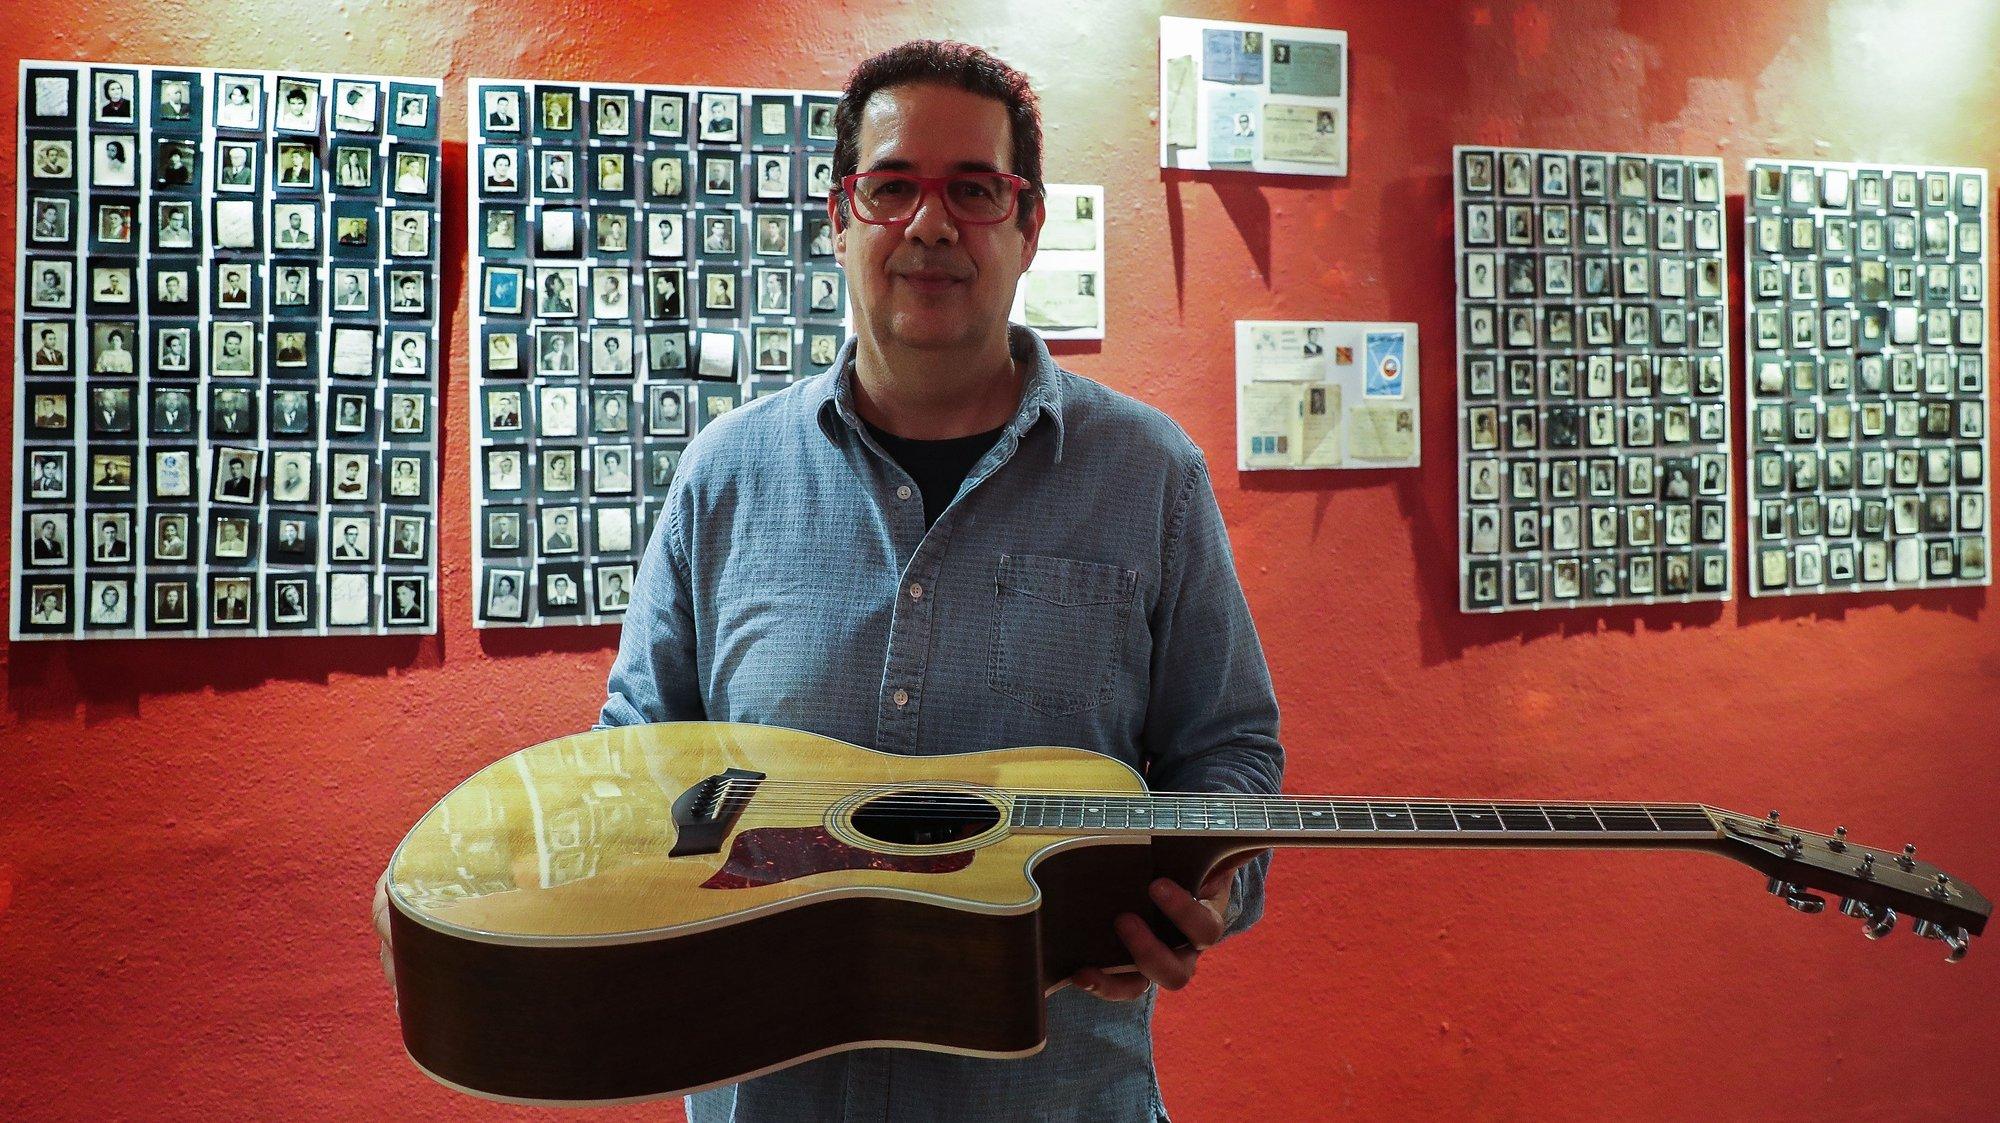 Mário Delgado (E) é um dos protagonistas da 5.ª edição do Guitarras ao Alto, iniciativa que decorre em maio e junho em vários locais do Alentejo e que hoje foi apresentada na Fábrica Braço de Prata, em Lisboa, 27 de março de 2019. JOÃO RELVAS/LUSA